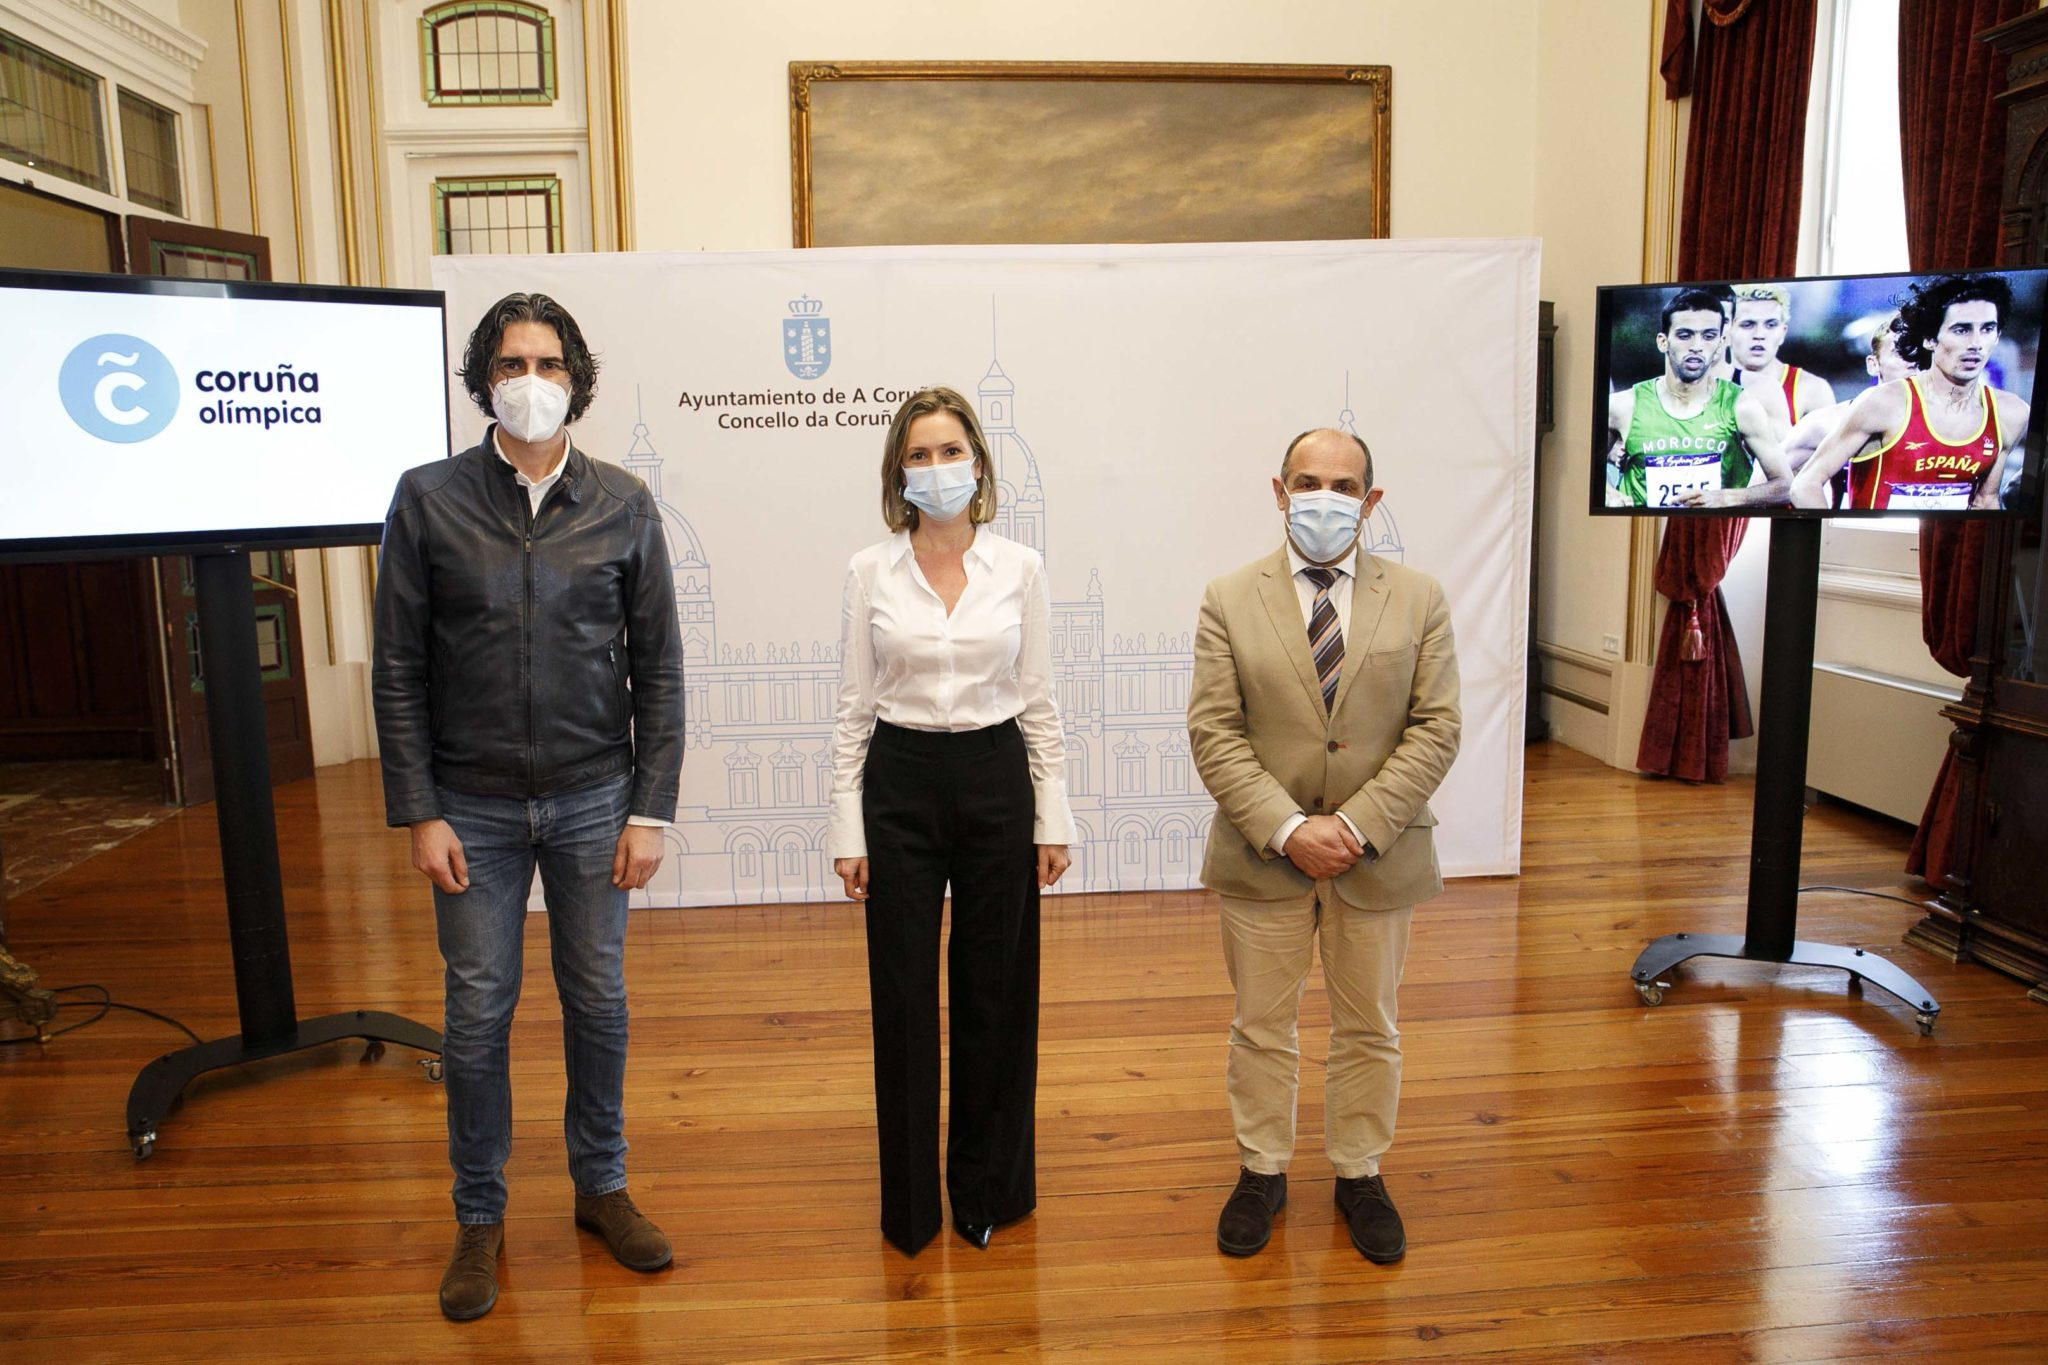 Presentación de Coruña olímpica, Mónica Martínez, Celemín, Andrés Díaz / CONCELLO A CORUÑA